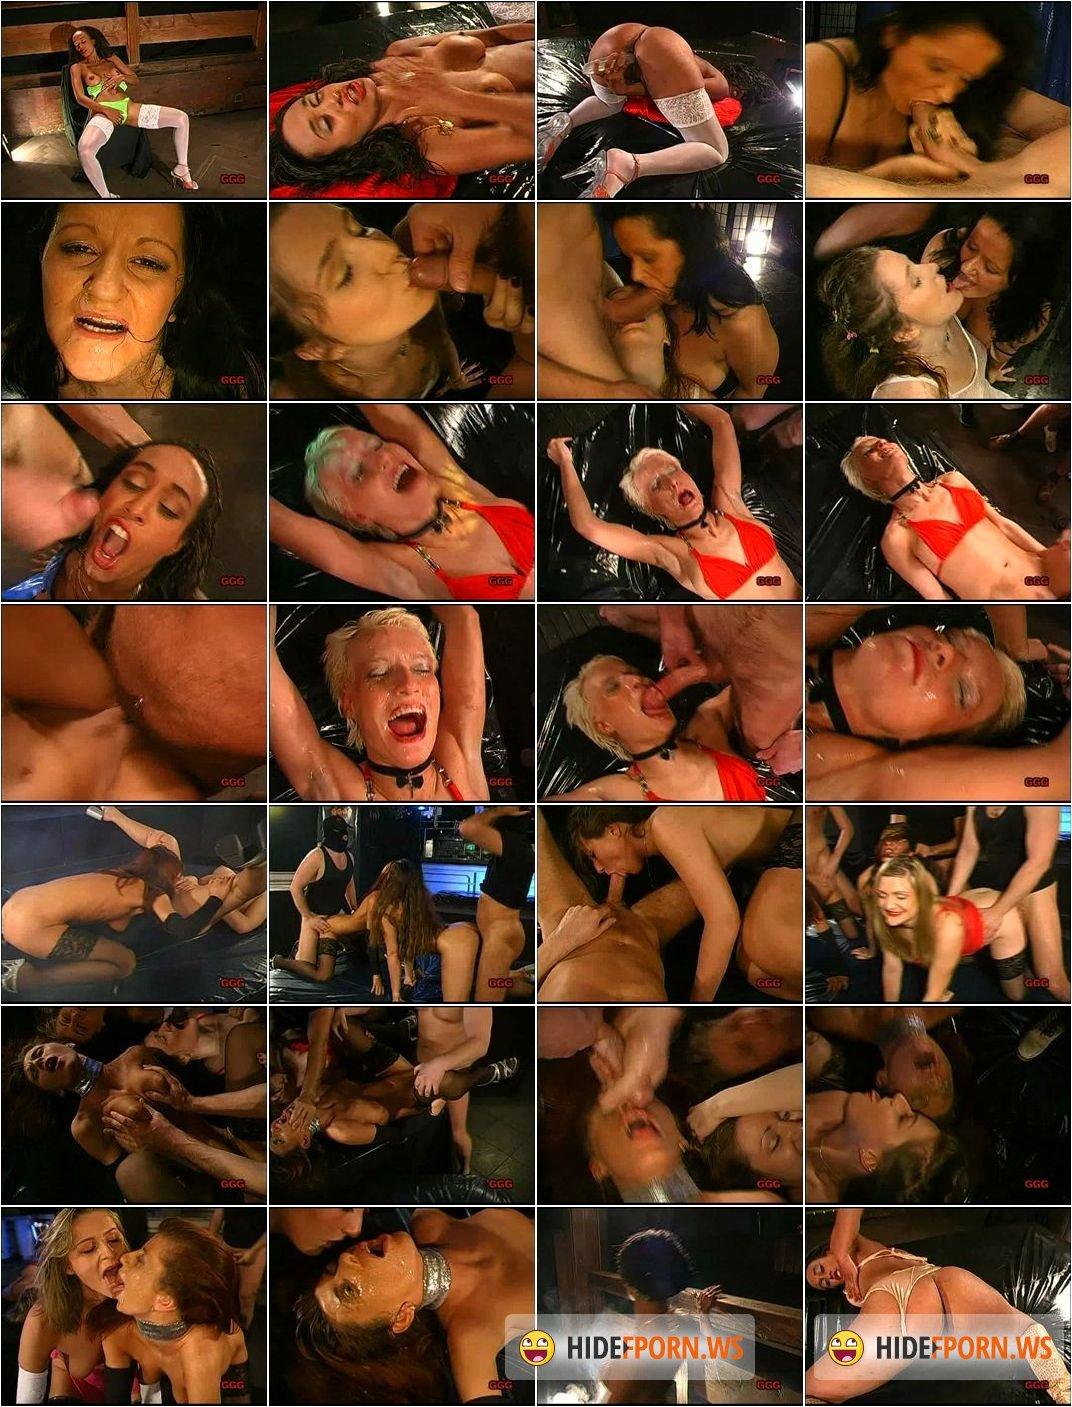 смотреть онлайн порно фильмы ggg